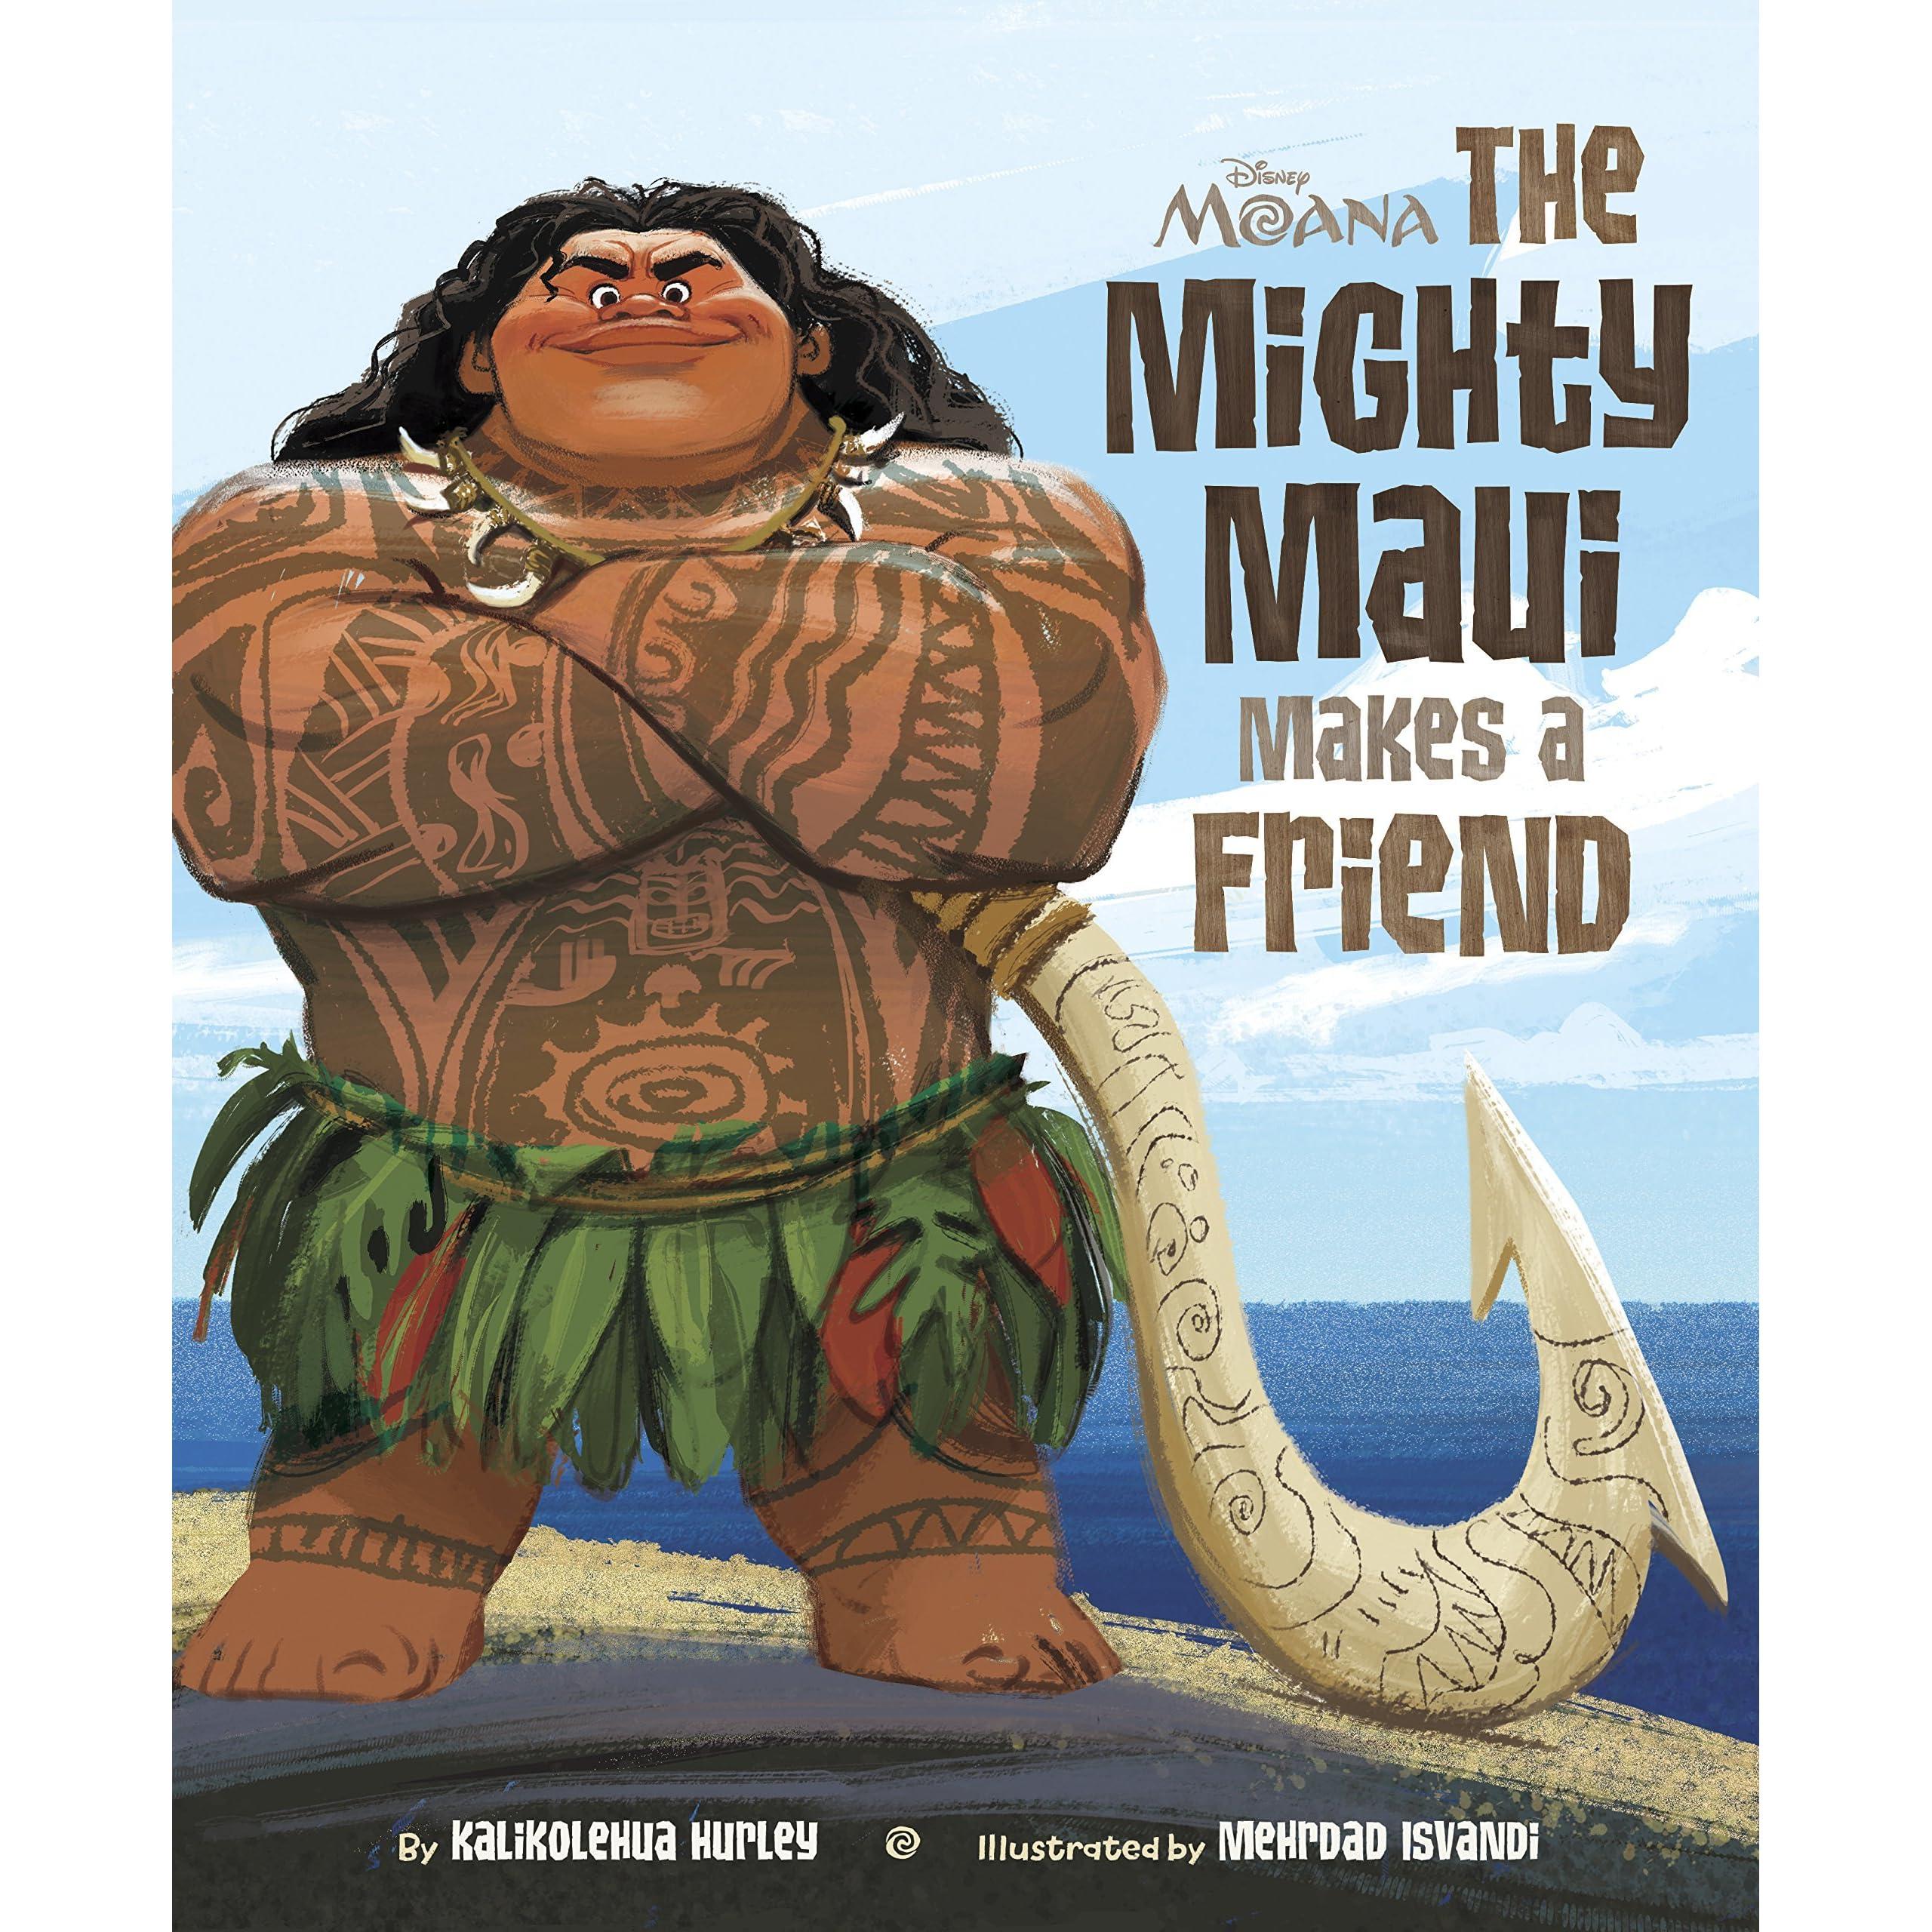 Moana: The Mighty Maui Makes a Friend by Kalikolehua Hurley